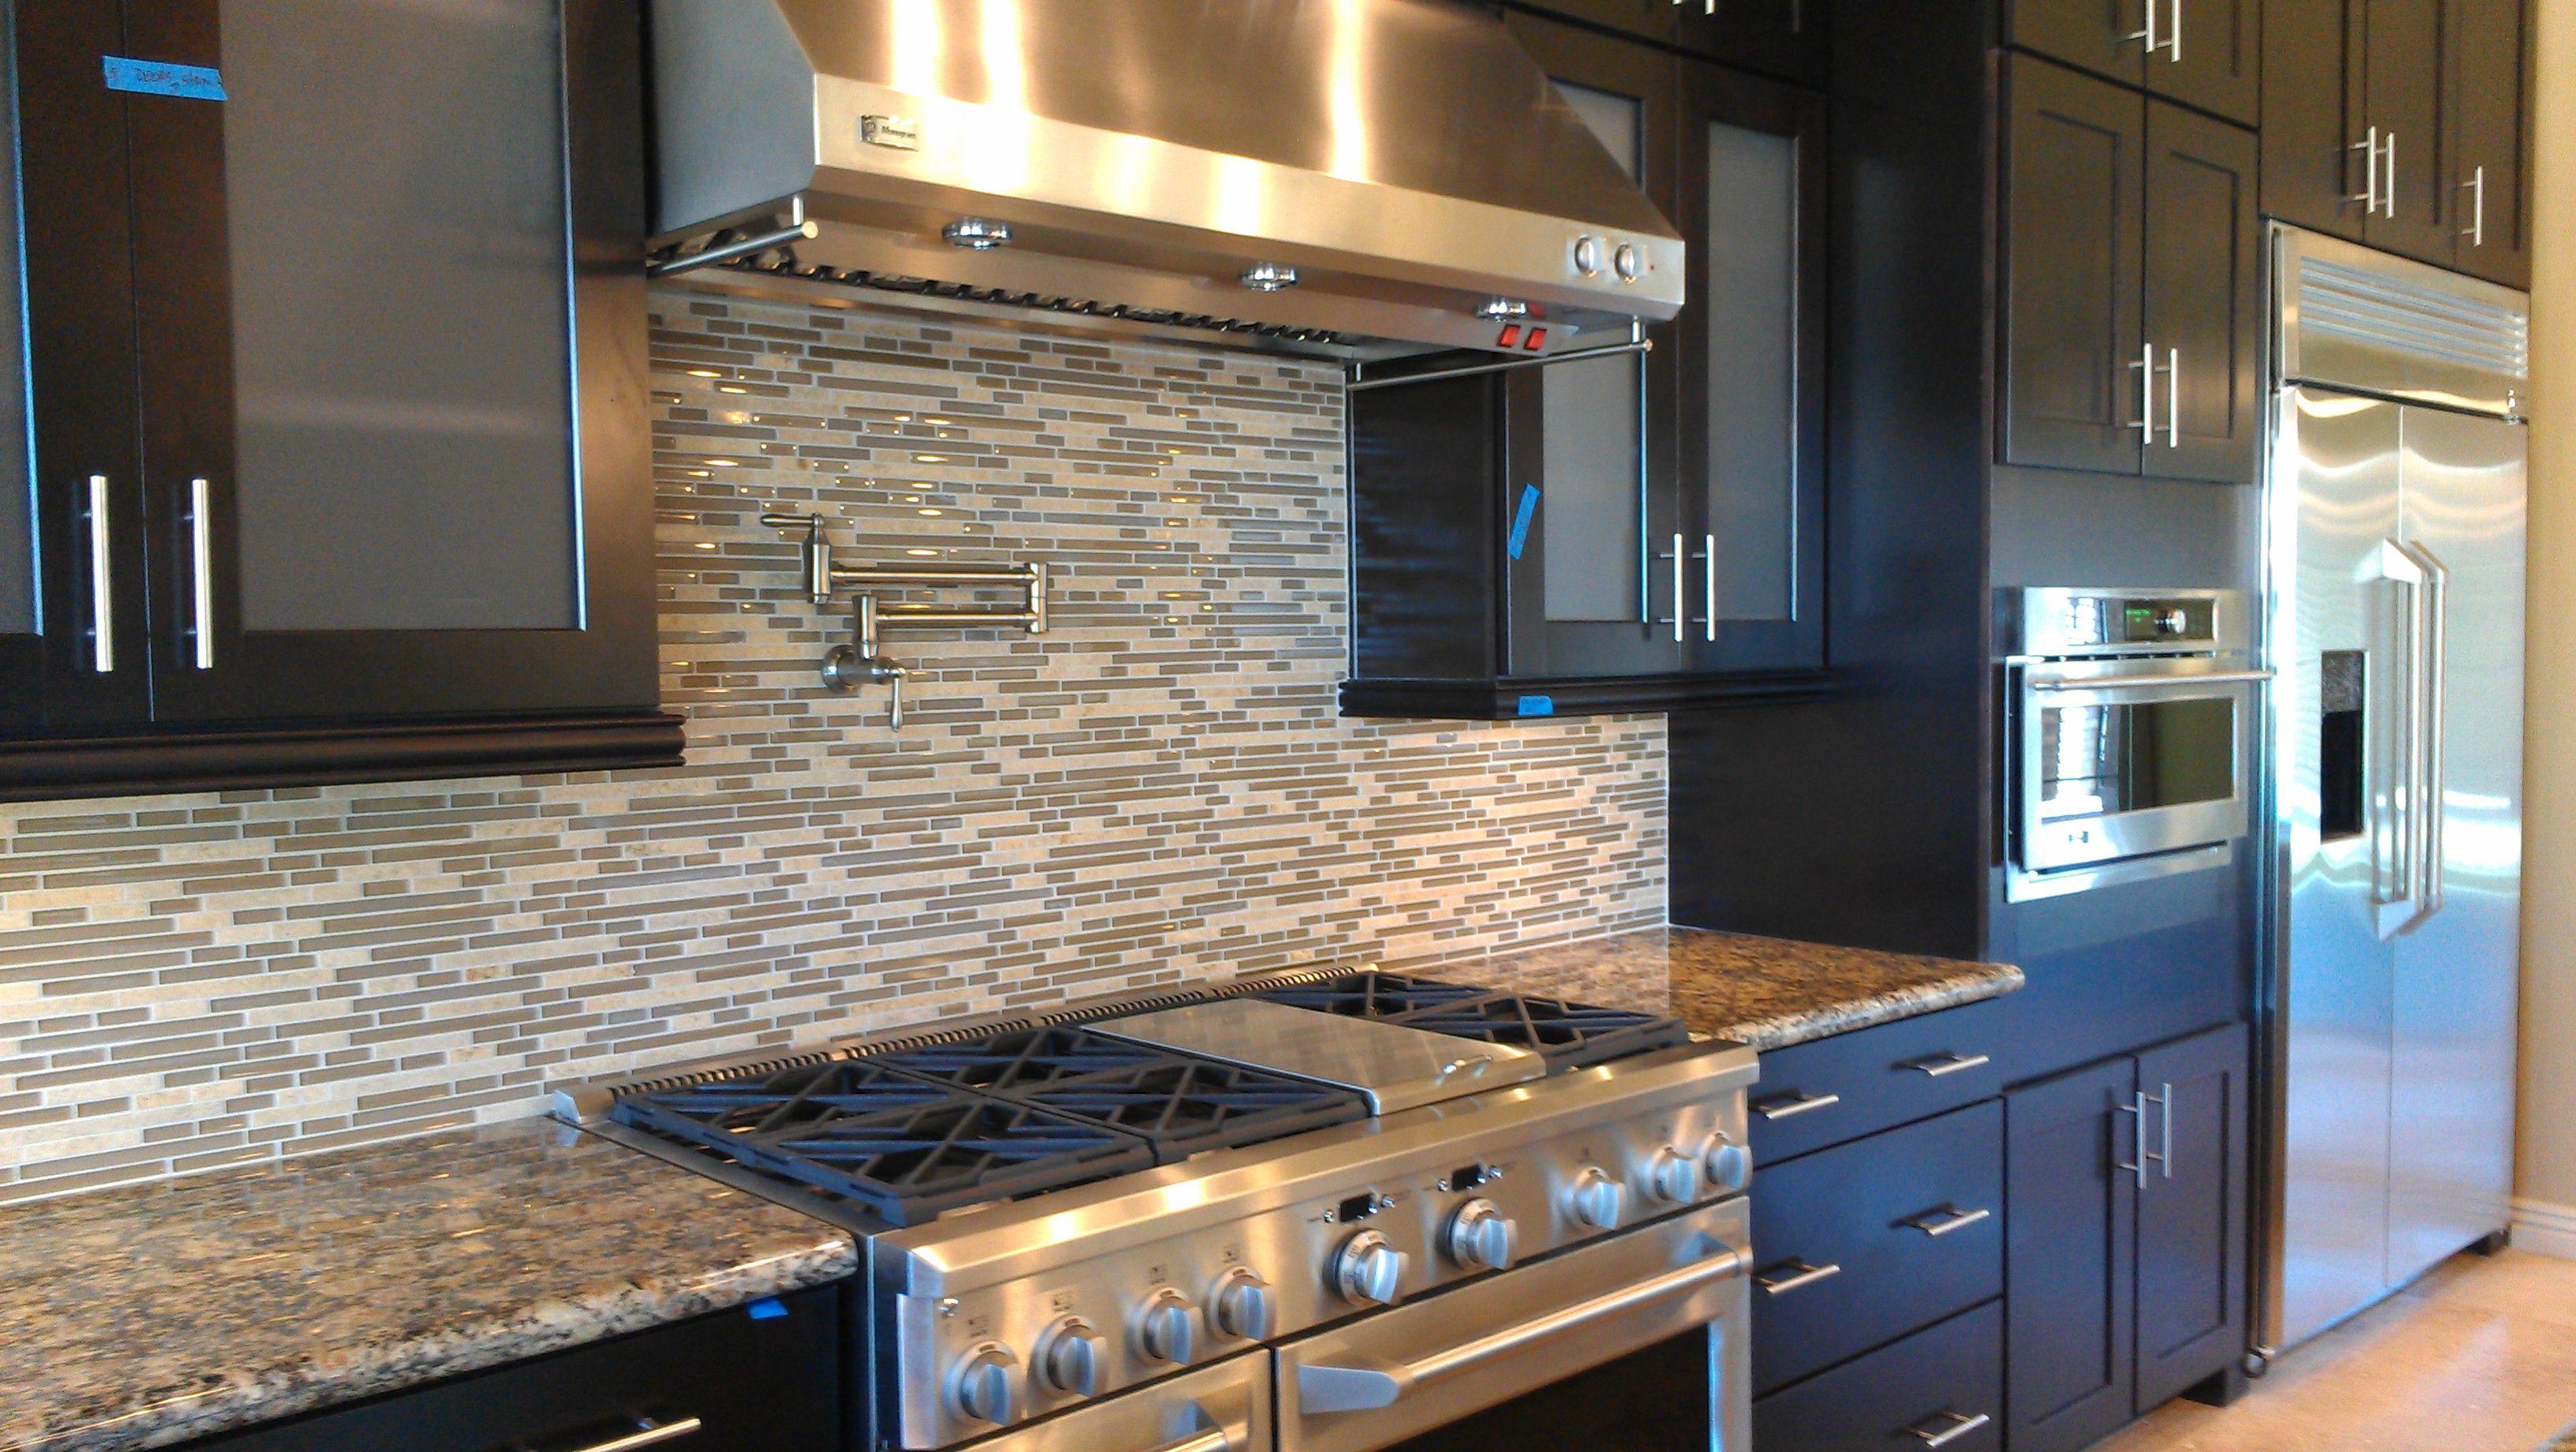 Industrial Kitchen Appliances: Commercial Grade Appliances